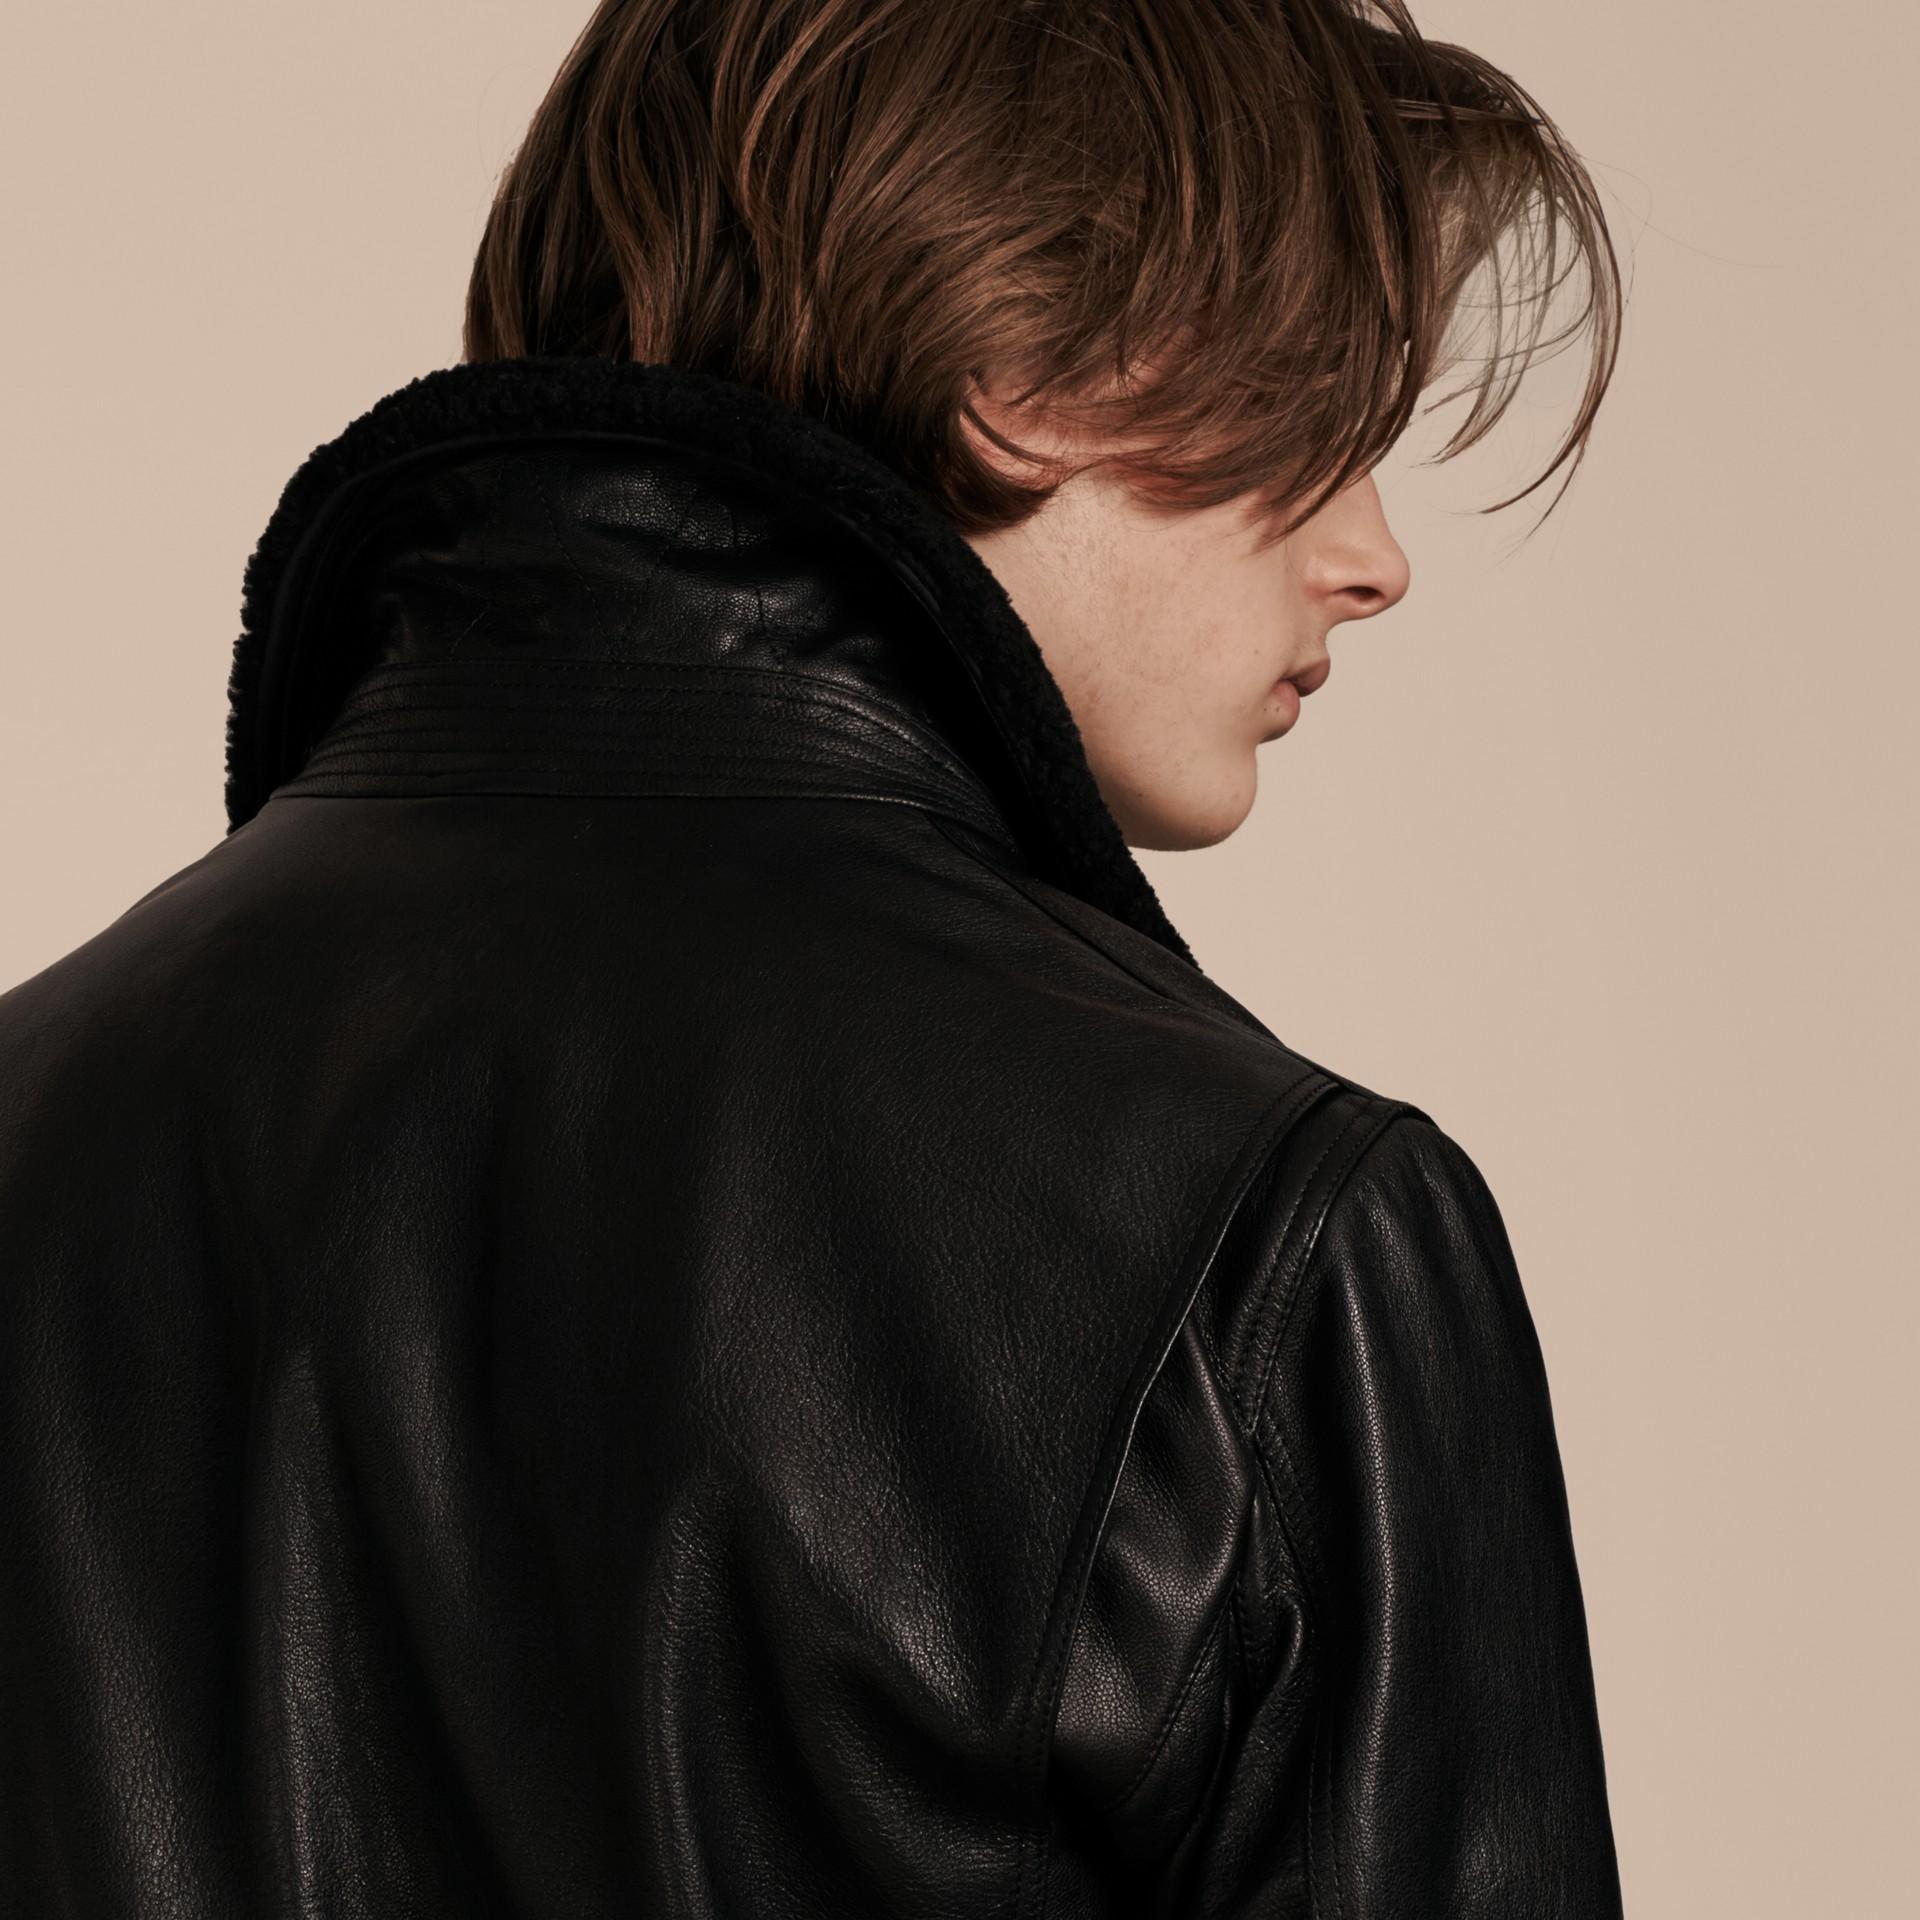 Nero Giacca in pelle con collo amovibile in shearling - immagine della galleria 6